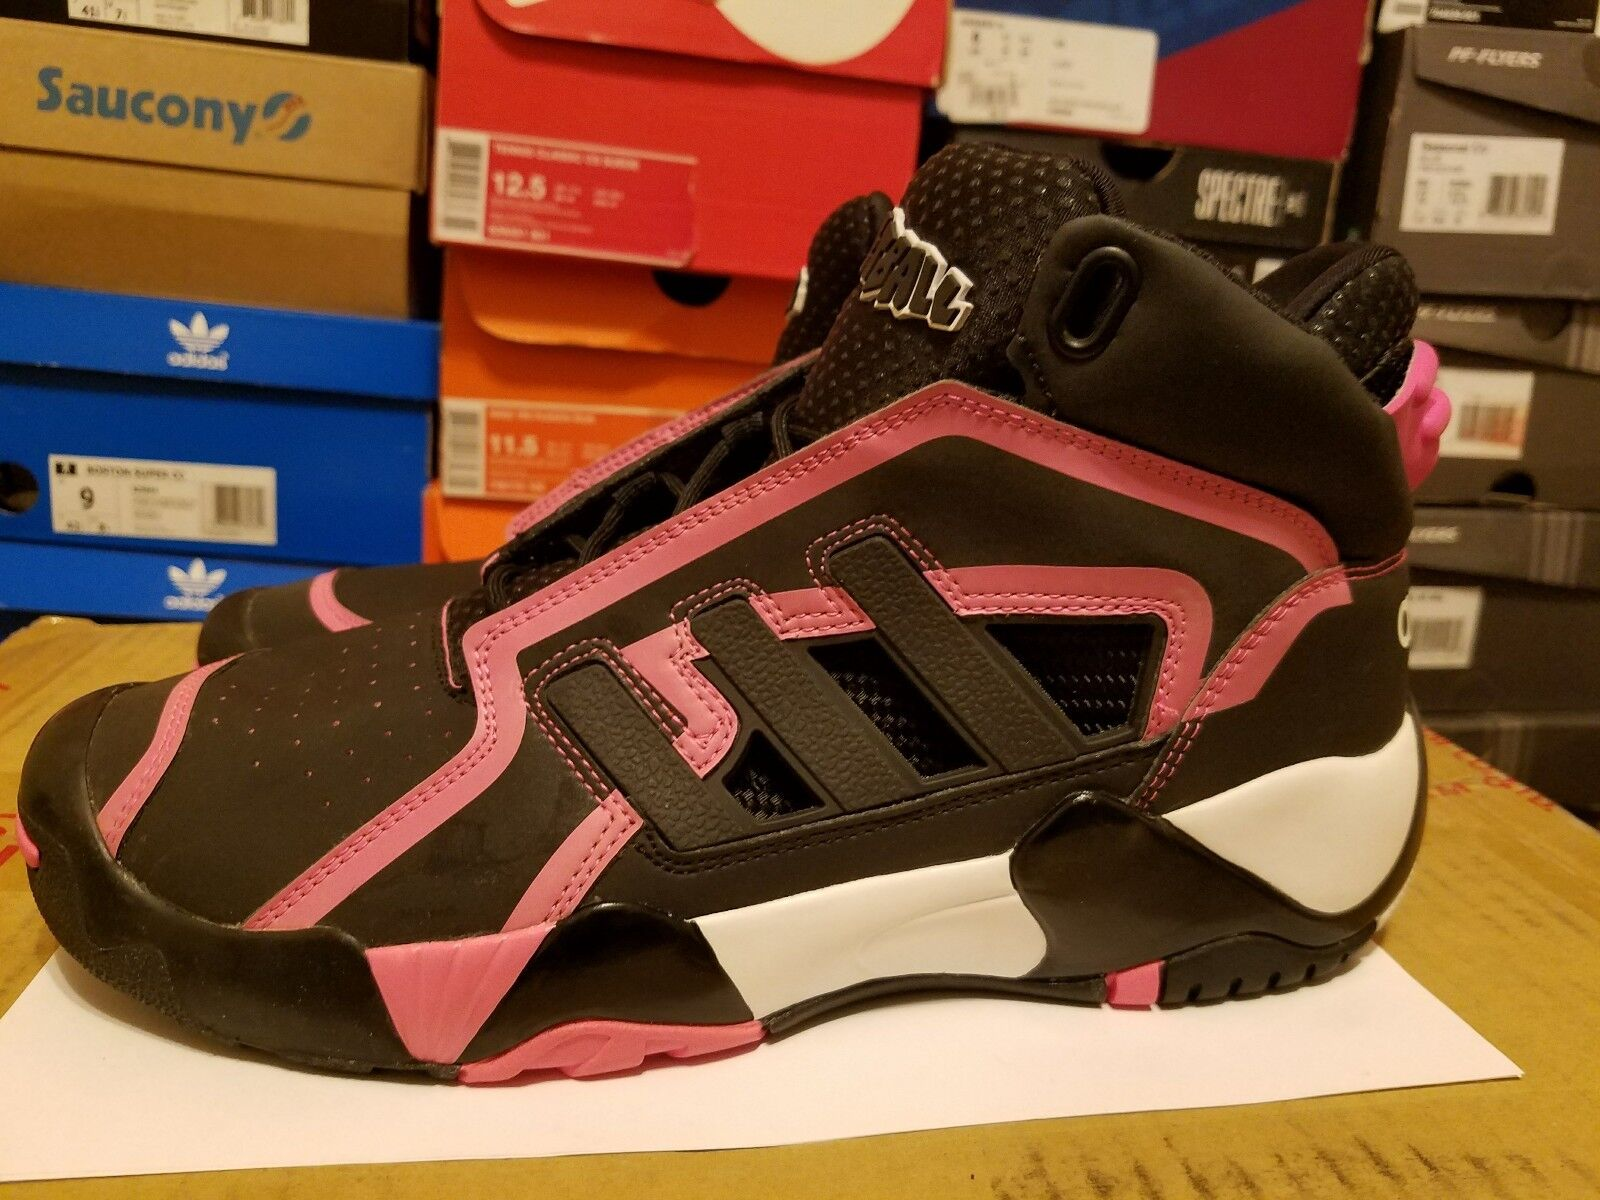 best website 07ff1 67a08 Hombre Adidas streetball 2 d74104 BCA Rosa High High High Top Chalk zapatillas  de baloncesto cómodo el calzado más popular para los hombres y las mujeres  ...